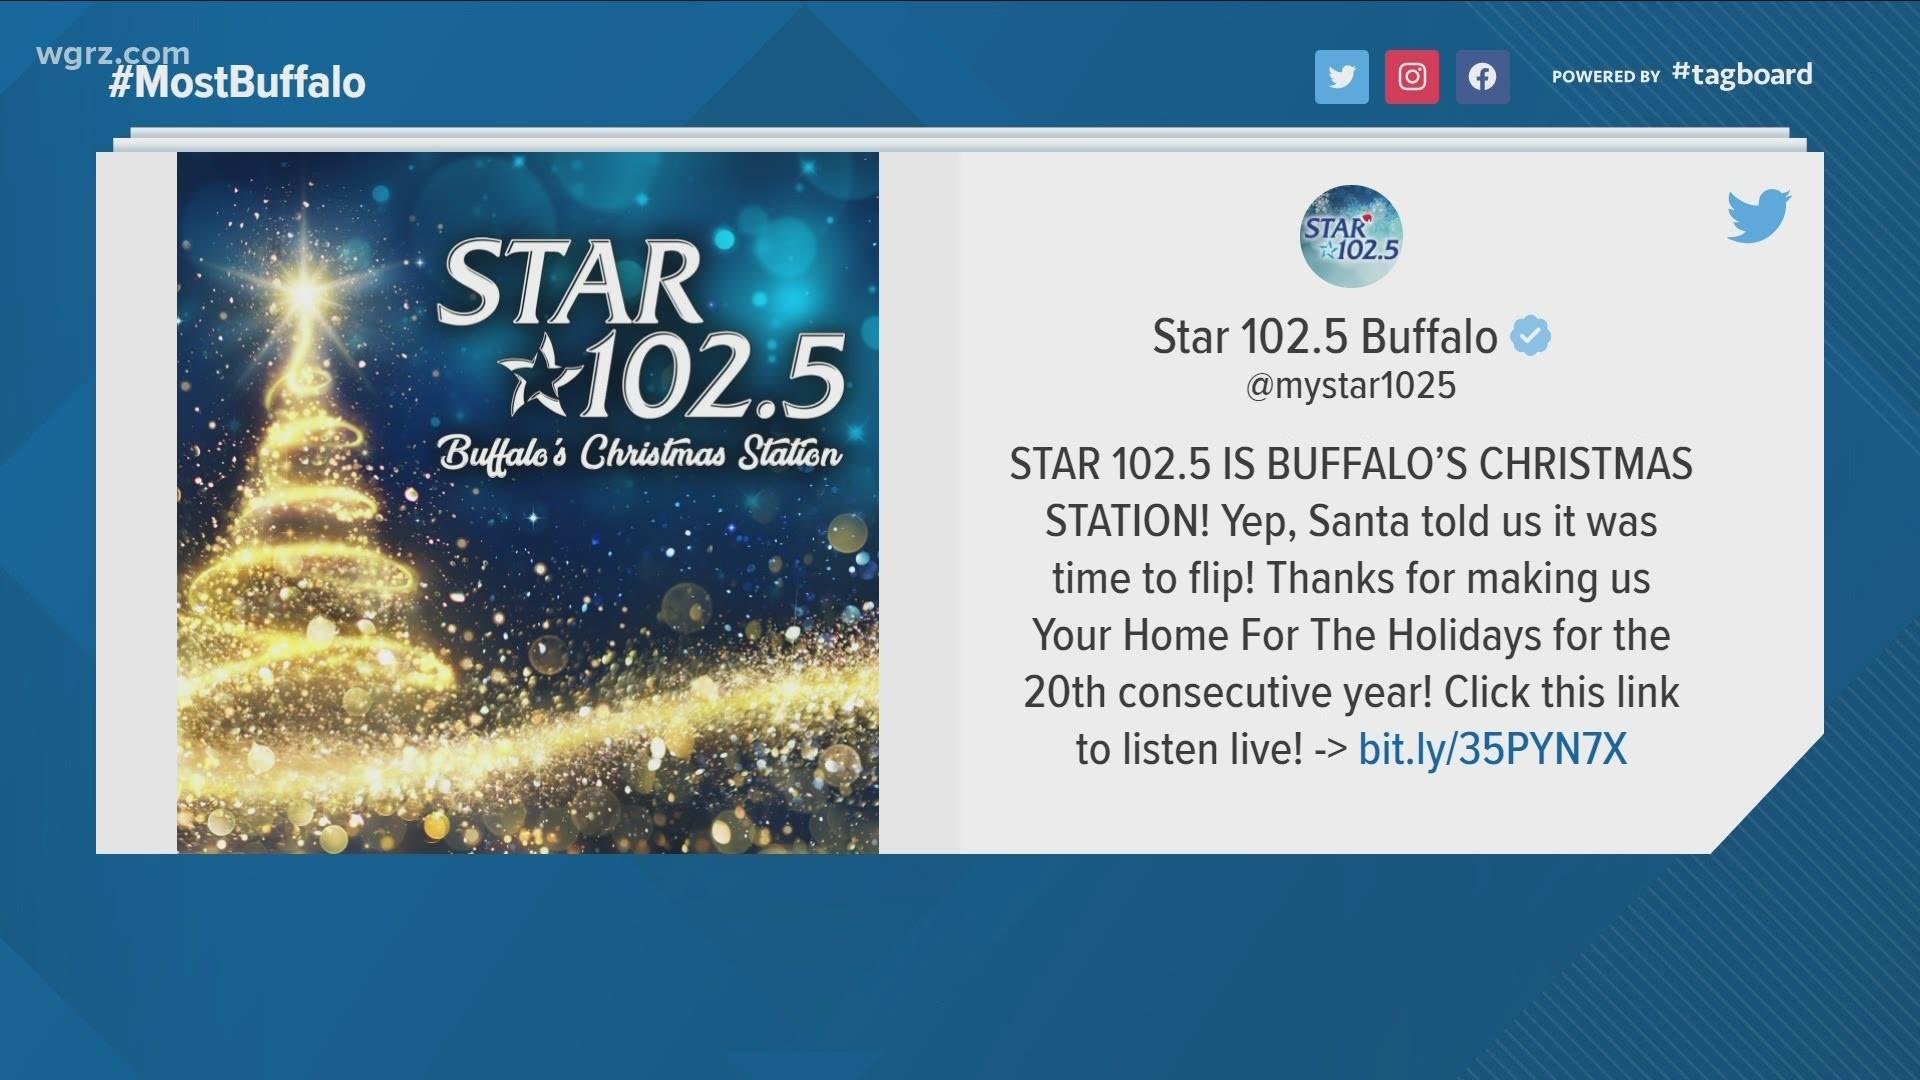 Christmas Music 88.5 Radio Stations 2020 Star 102.5 now playing Christmas music | wgrz.com